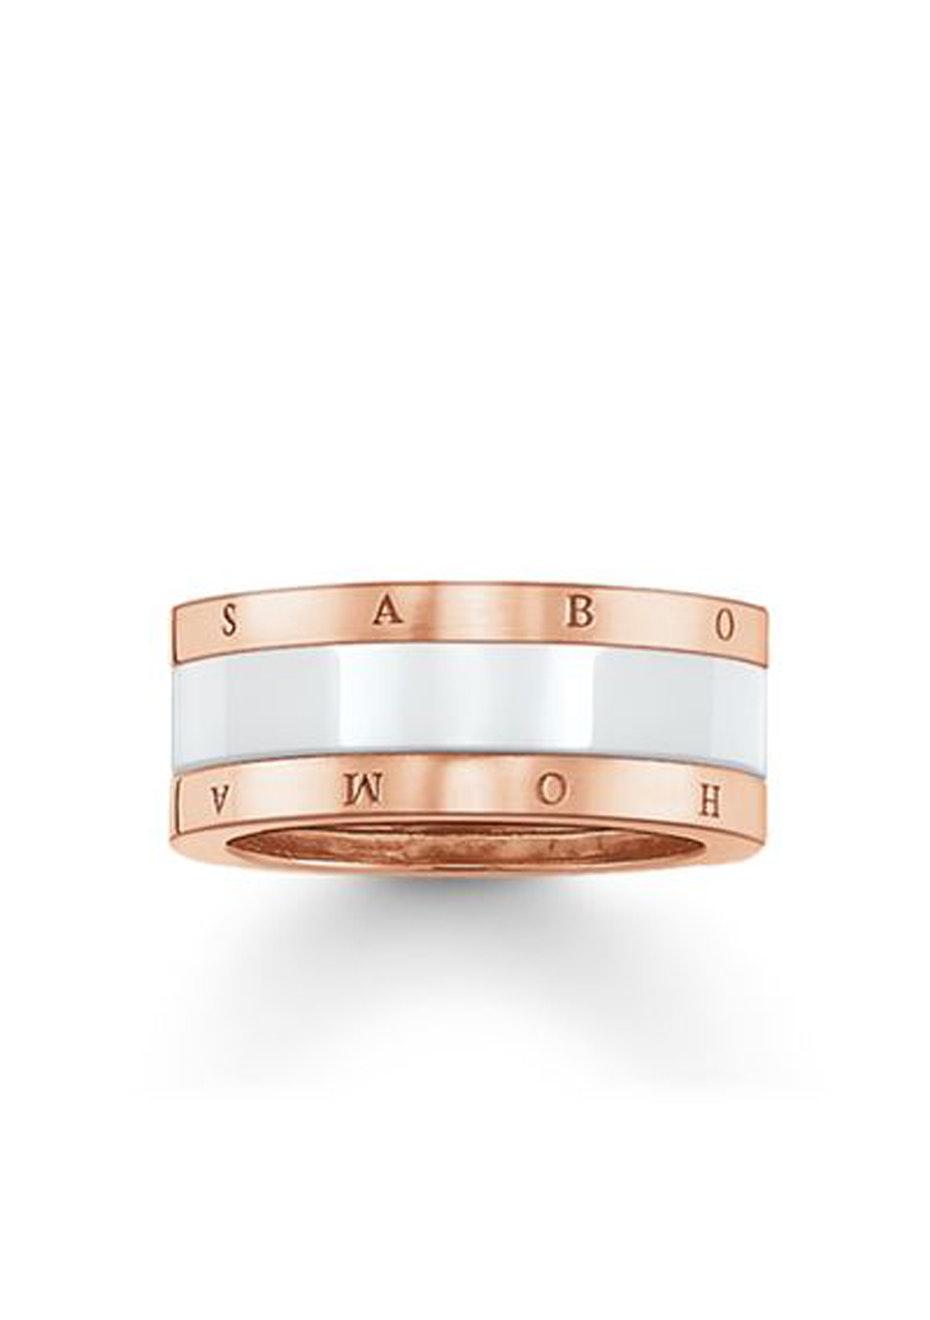 Thomas Sabo  - White Ceramic & Rose Gold Plated Ring